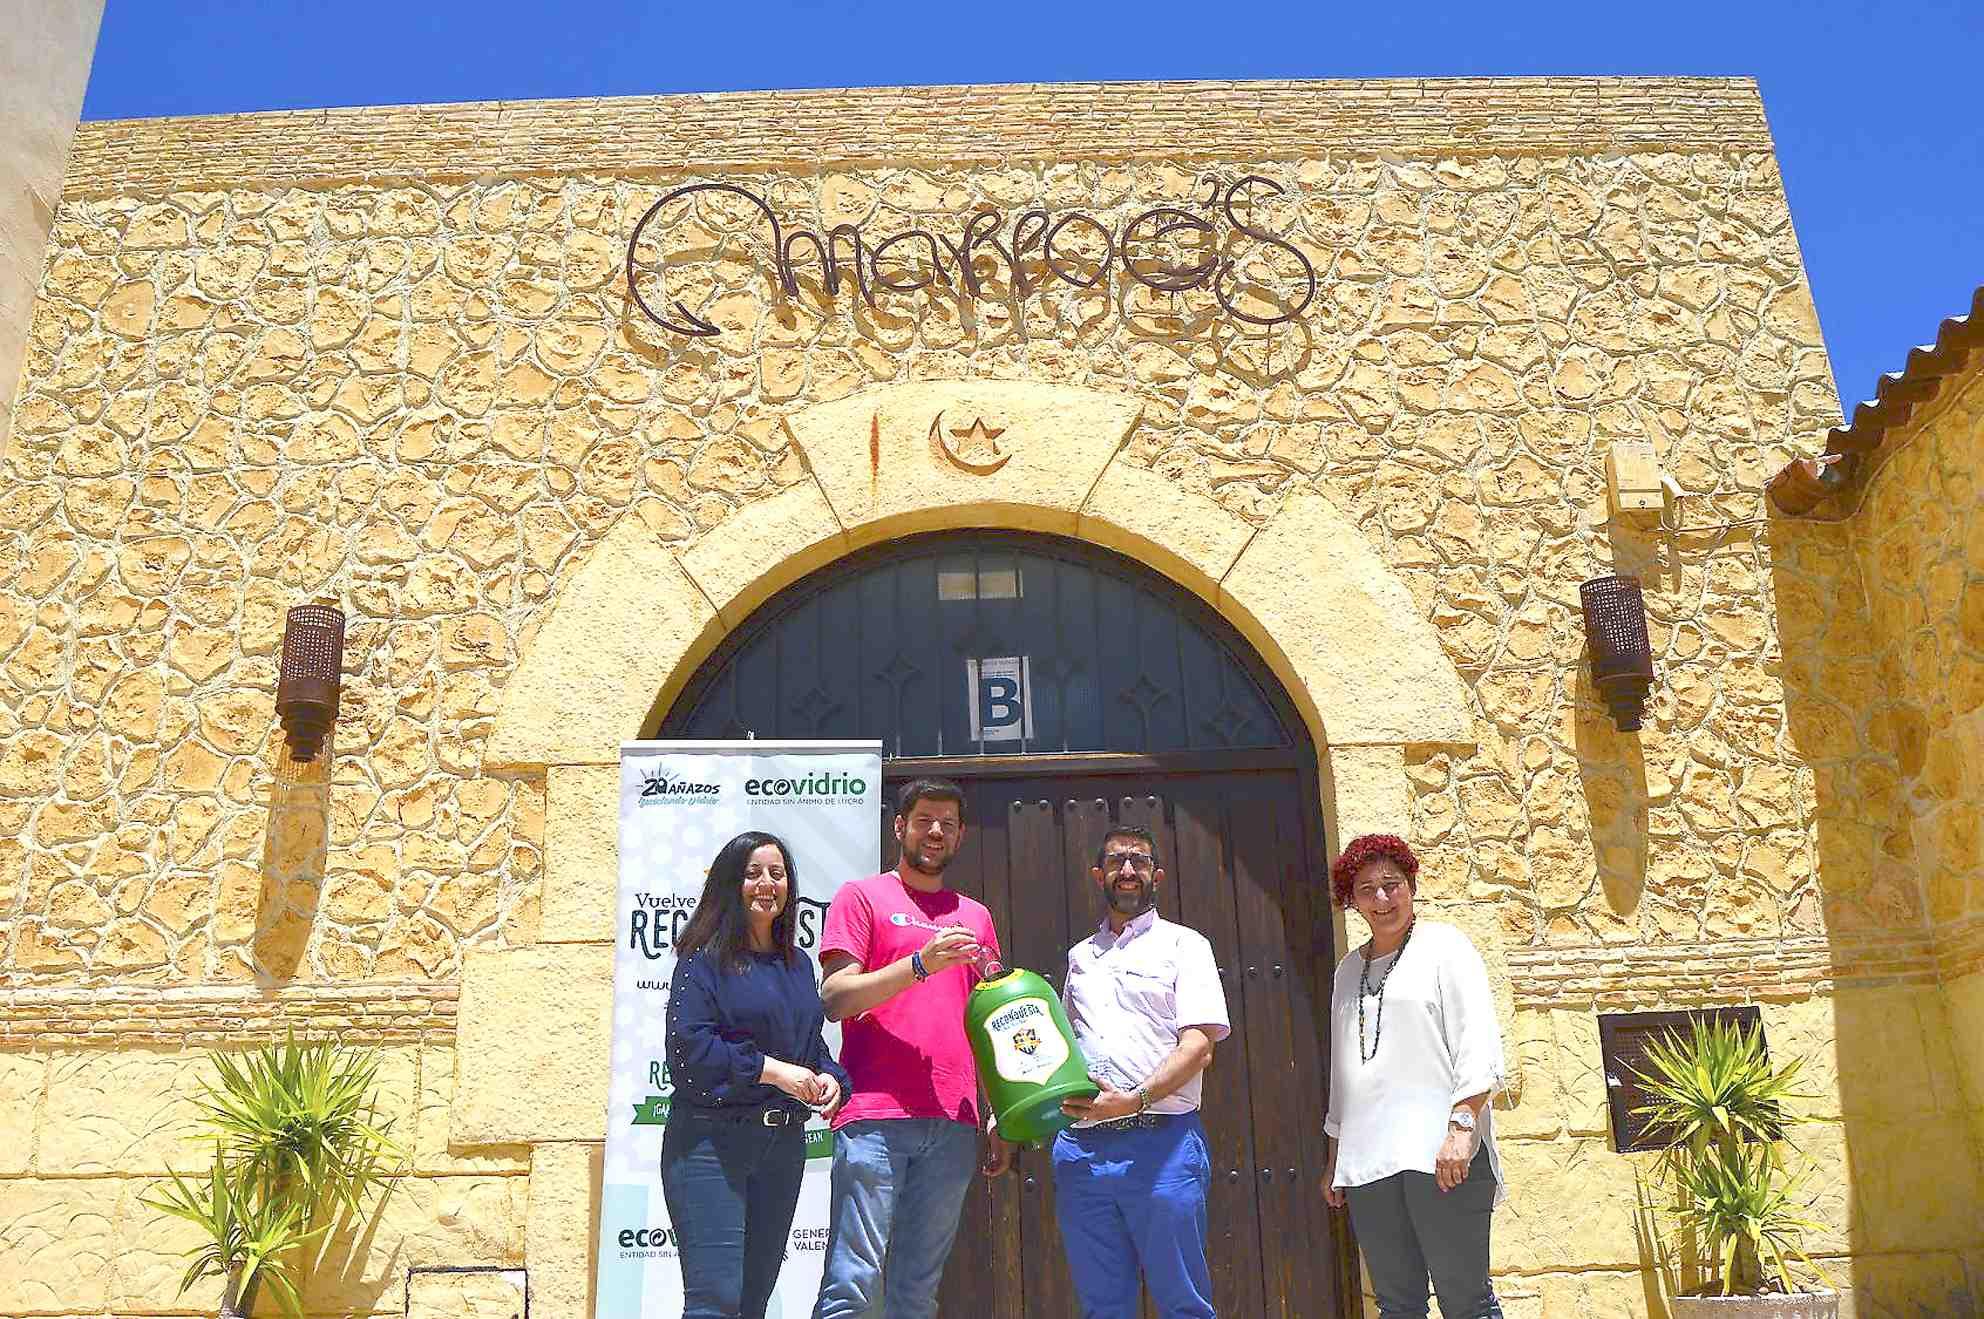 La comparsa Marroc's d'Onil guanya la campanya de reciclatge